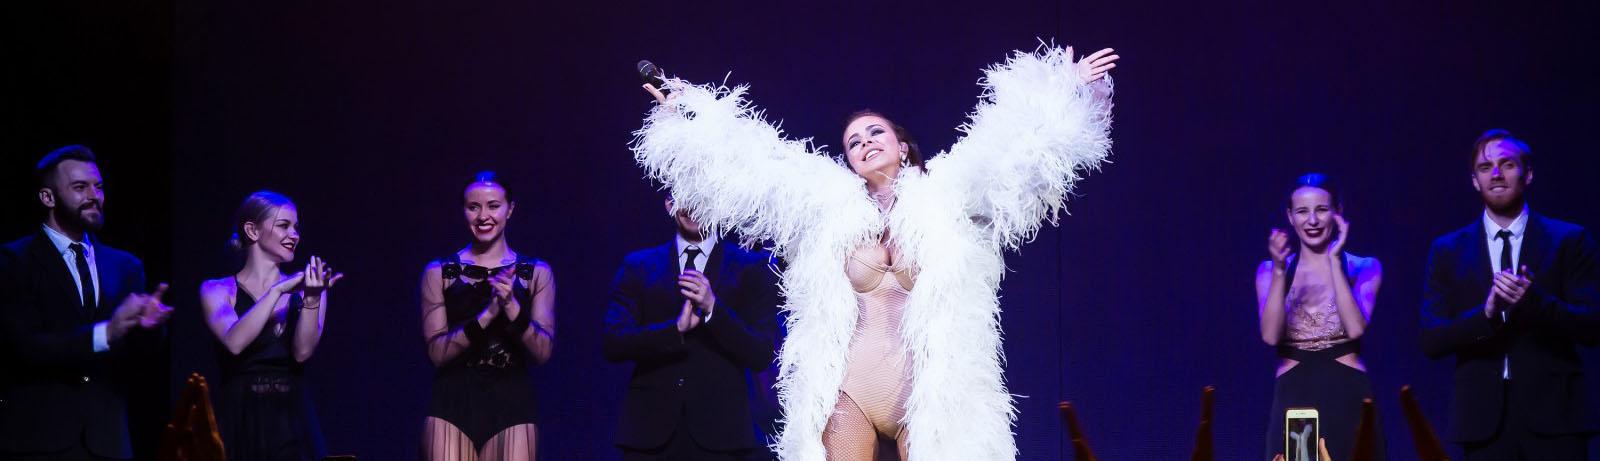 Тур шоу «DIVA» Ани Лорак в Германии.